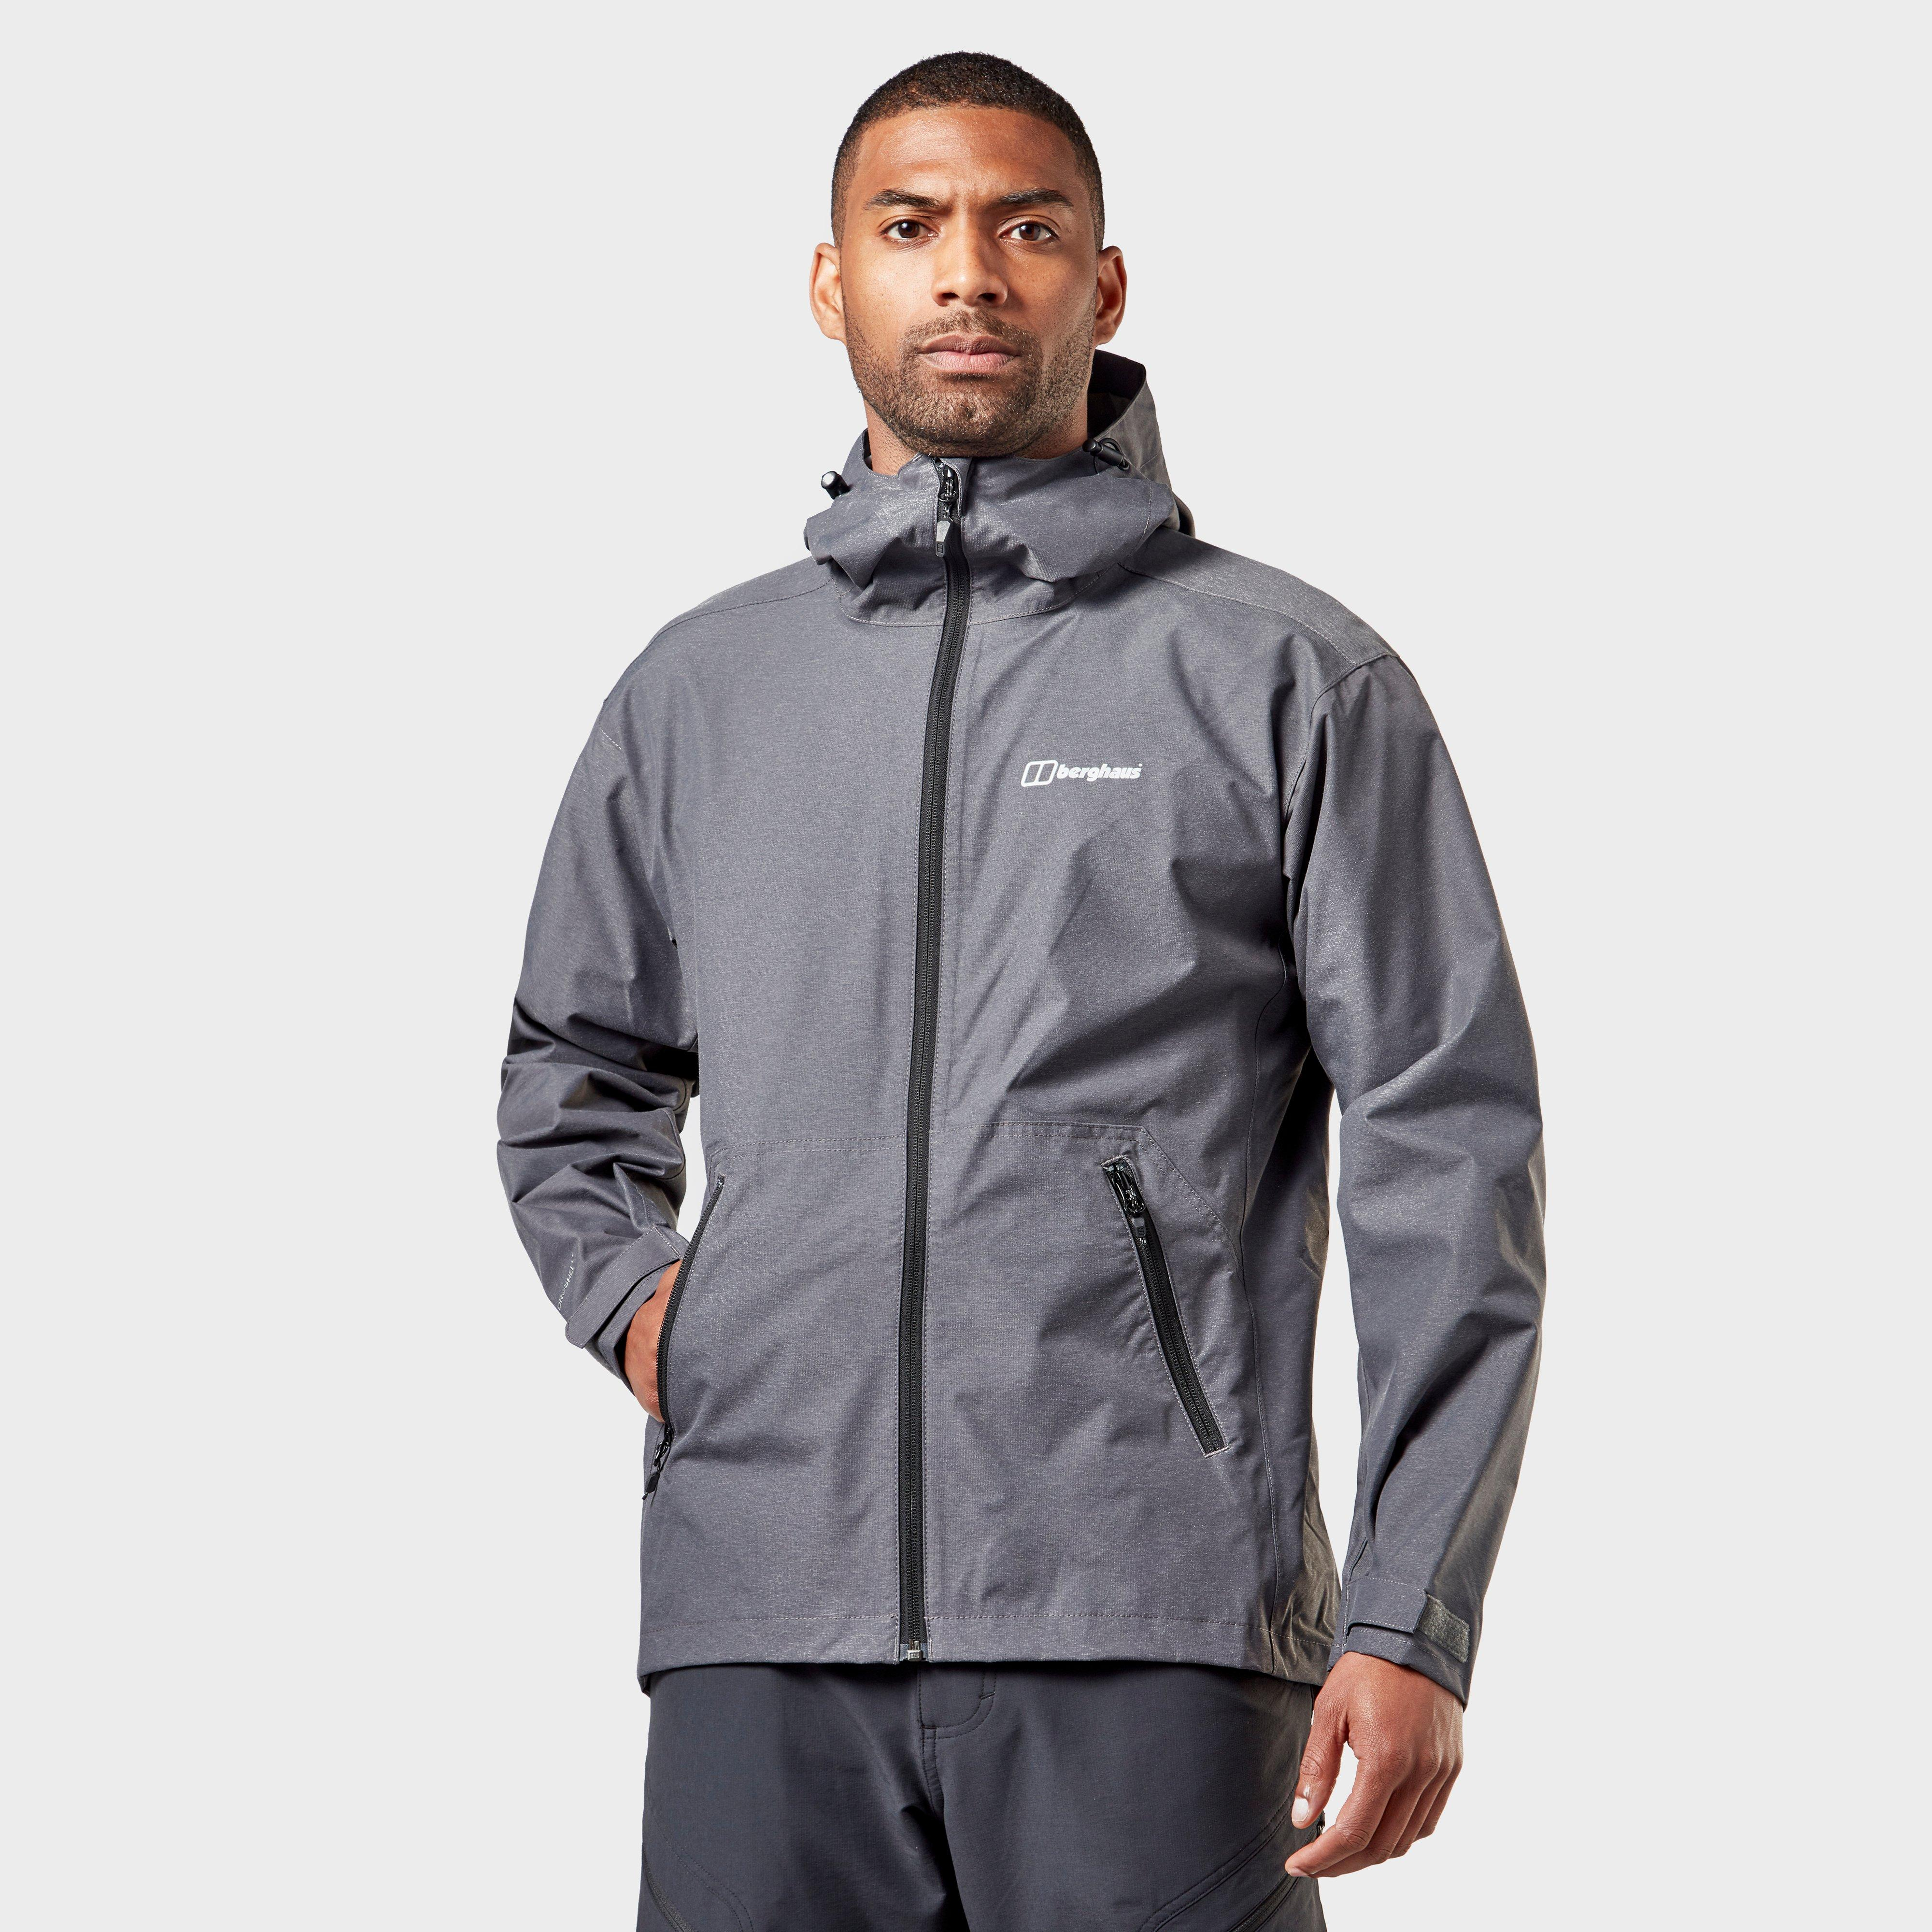 Berghaus Mens Stormcloud Optic Waterproof Jacket - Grey/grey  Grey/grey